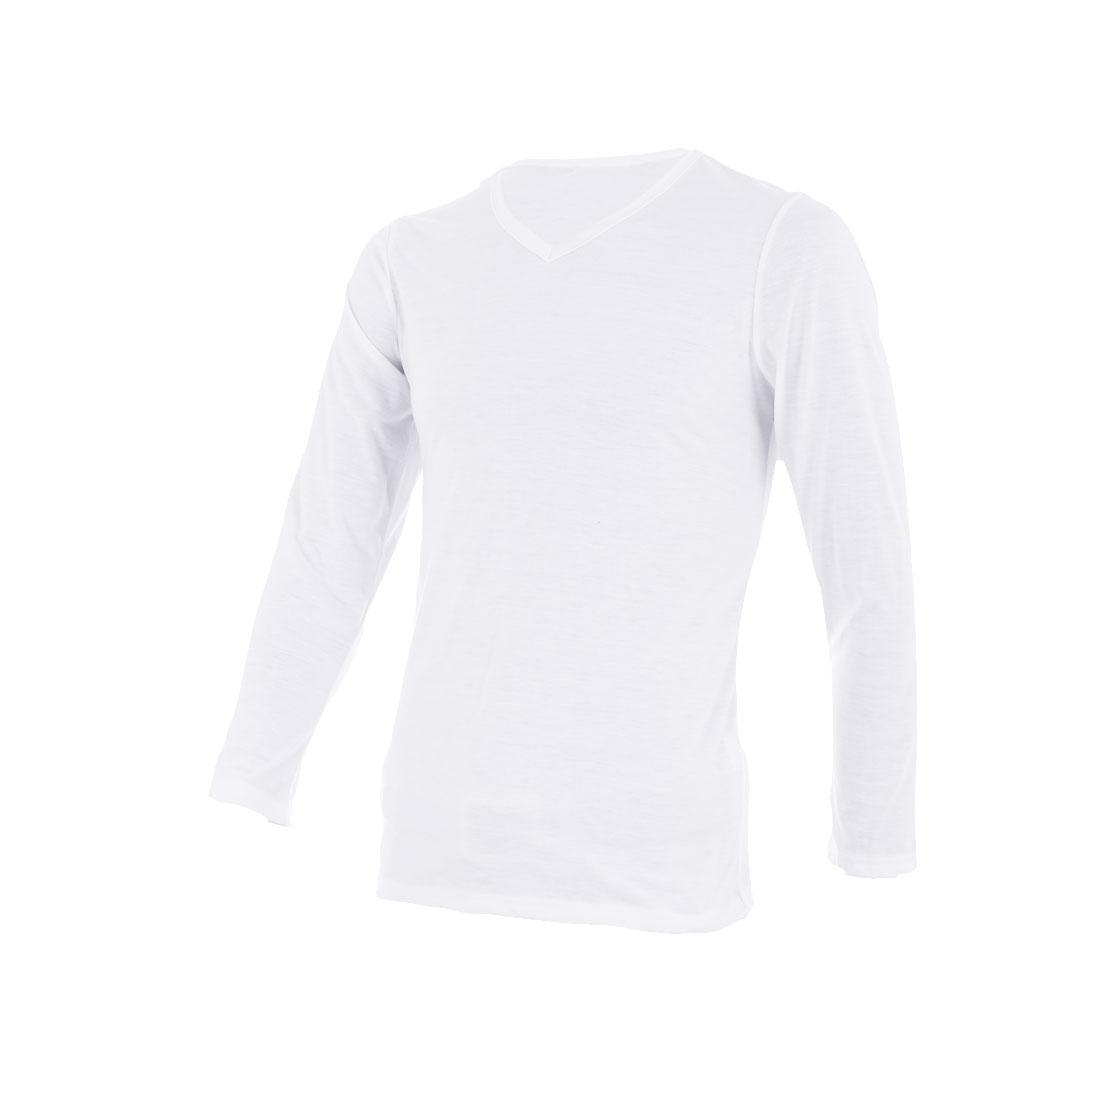 Men V Neck Pullover Autumn Wearing T-shirt White S